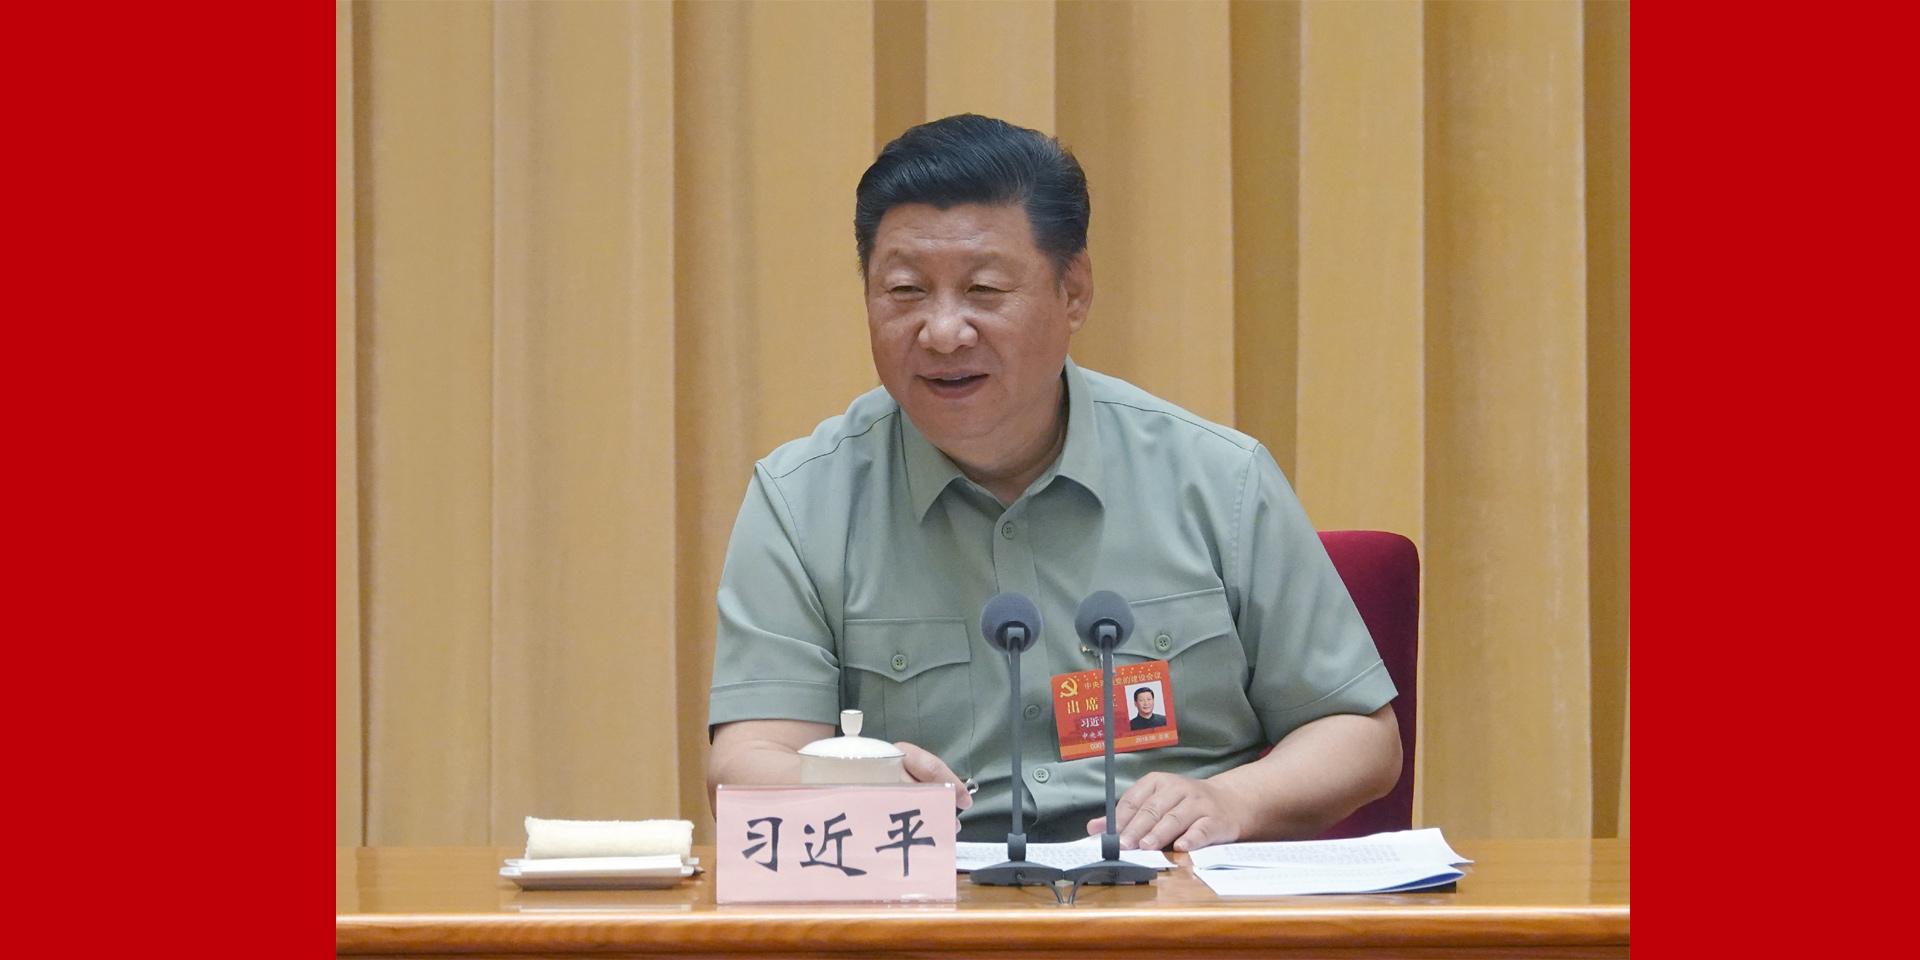 党的领导和党的建设是我军建设发展的关键。